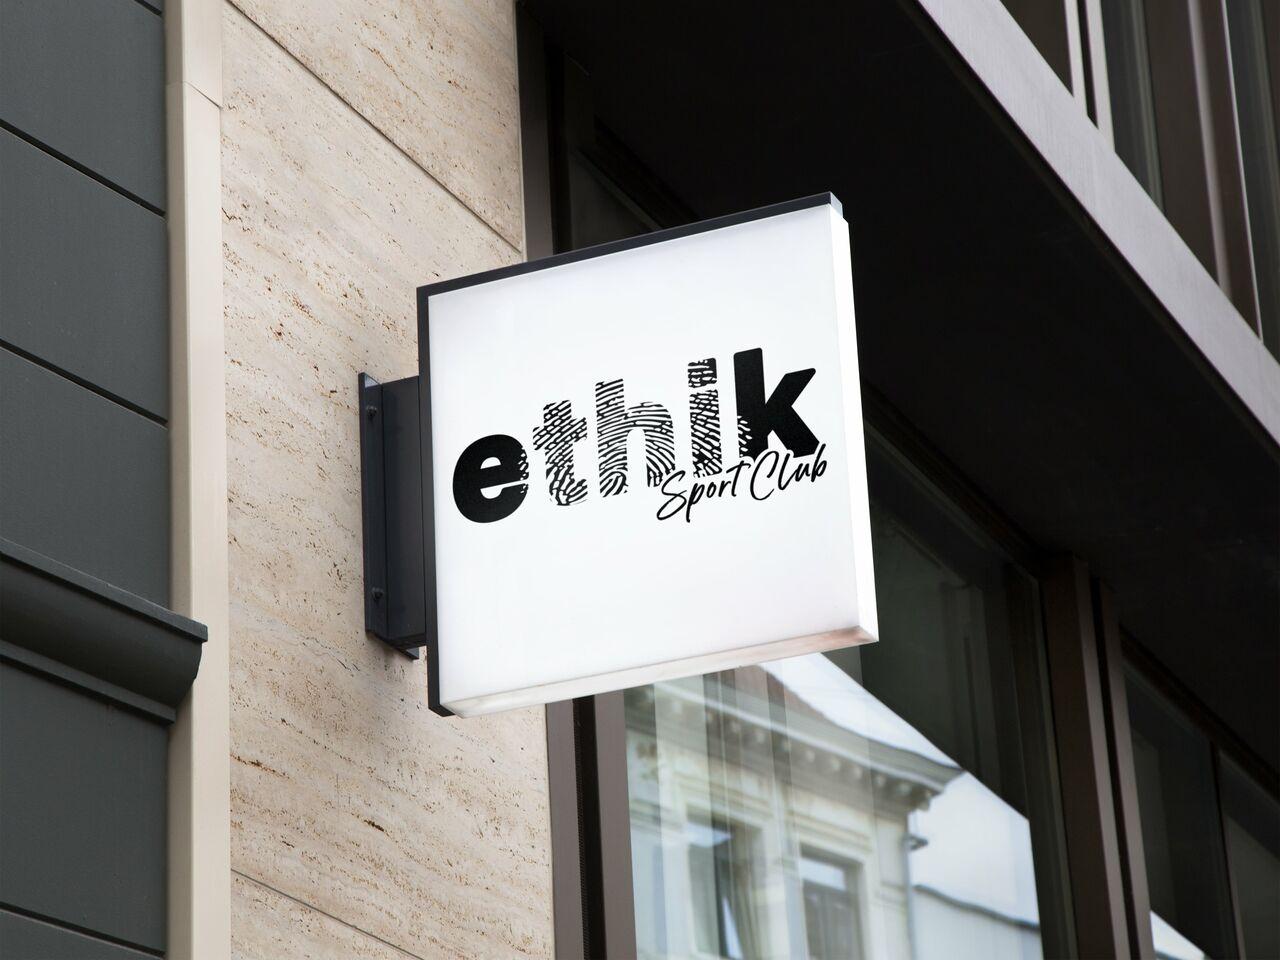 ETHIK Sport Club